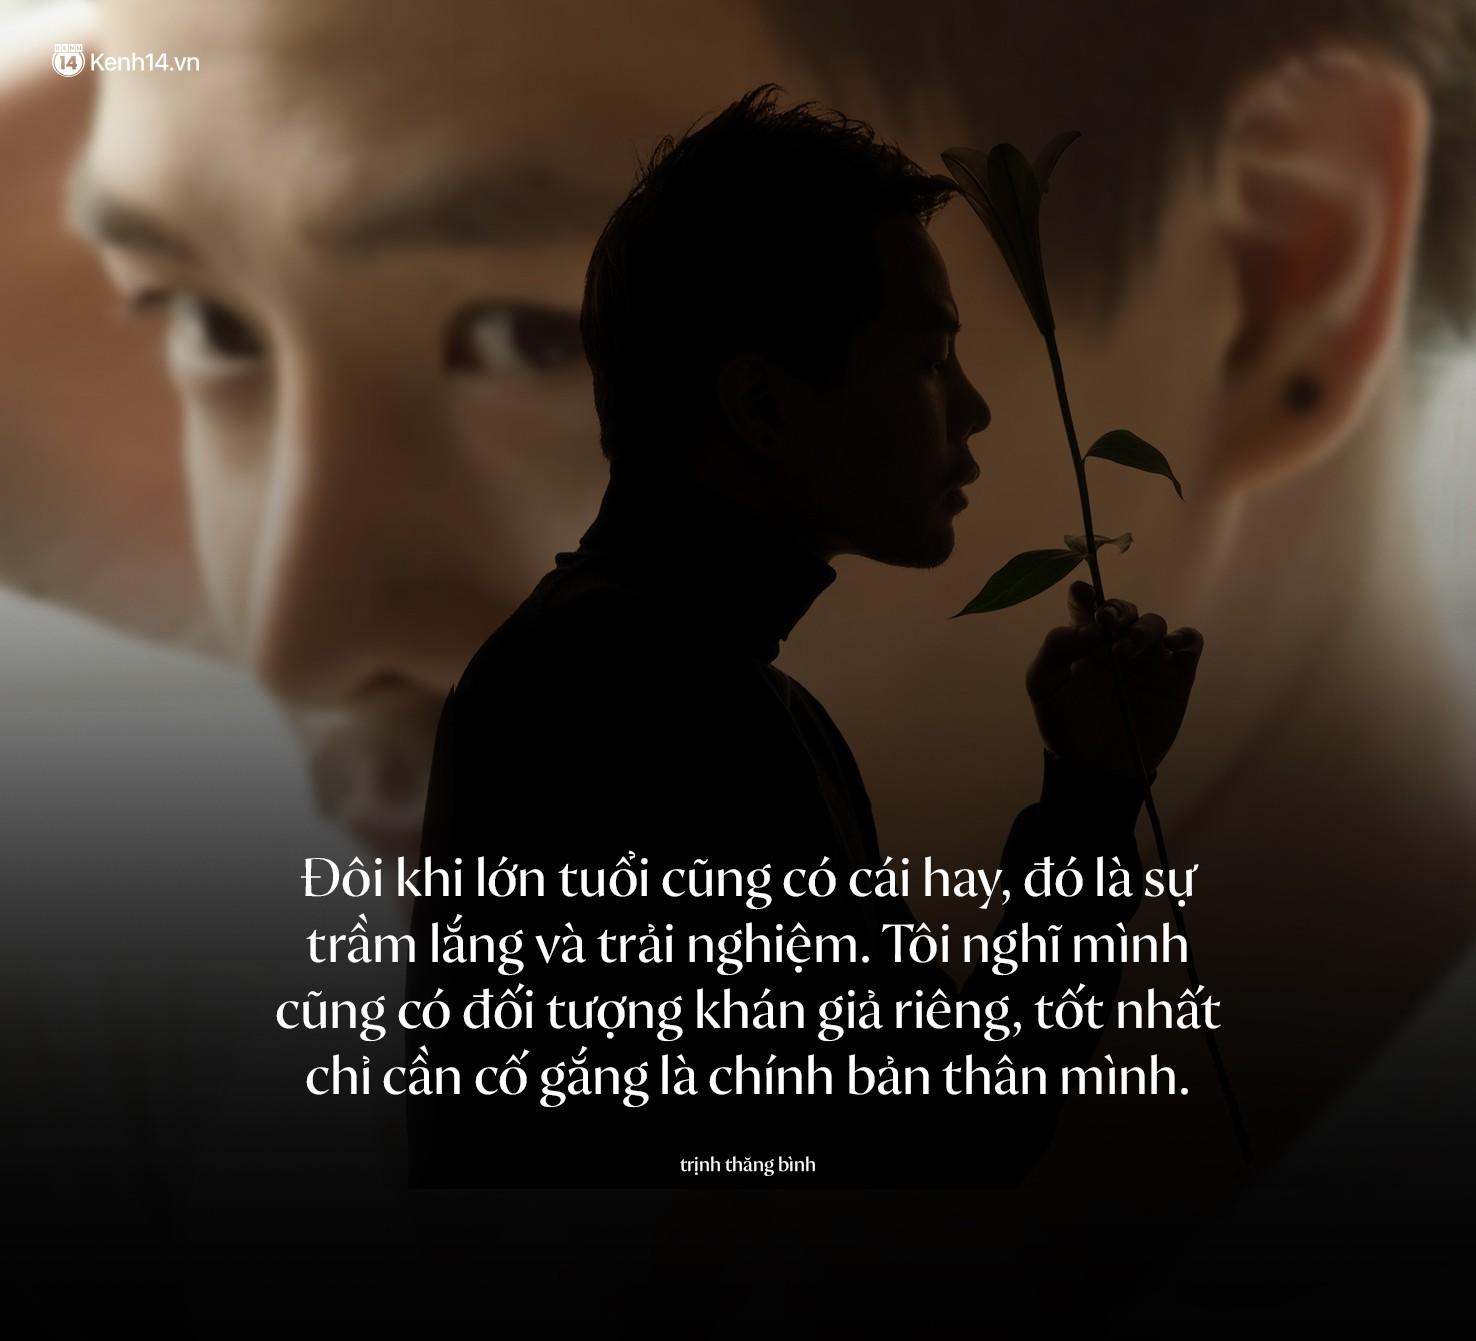 Ông ngoại tuổi 30 Trịnh Thăng Bình và câu chuyện đằng sau một cậu ấm sành điệu, chẳng áp lực lo cơm áo gạo tiền - Ảnh 14.